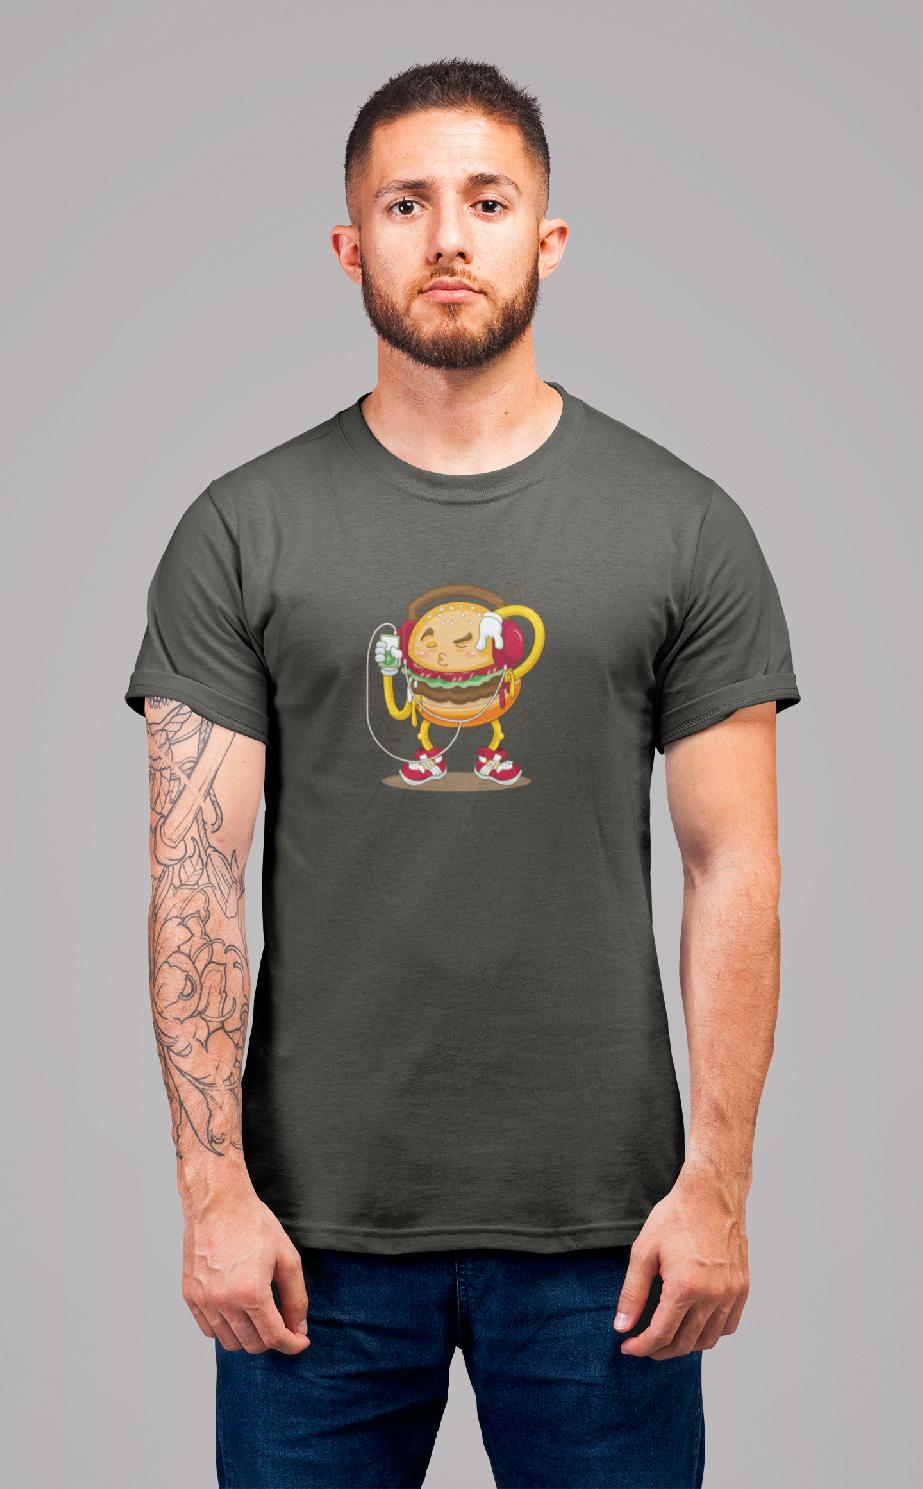 MMO Pánske tričko Hamburger Vyberte farbu: Tmavá bridlica, Vyberte veľkosť: XL